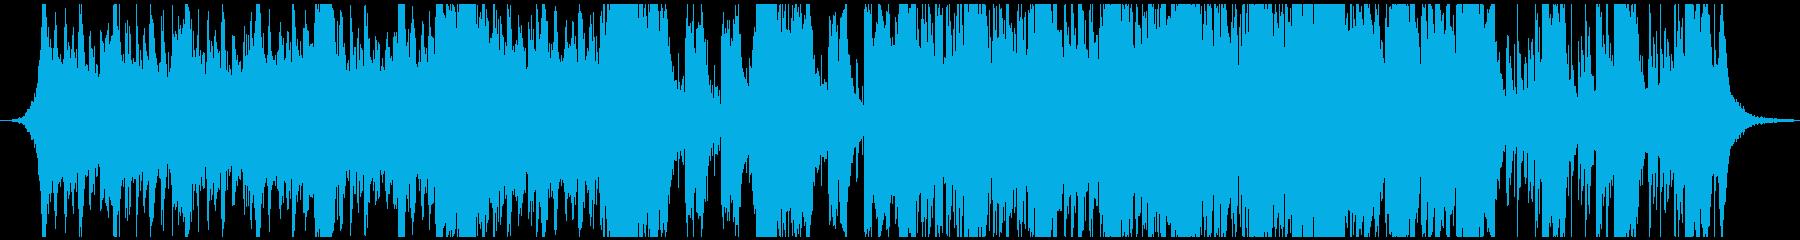 モダン 交響曲 室内楽 バトル 焦...の再生済みの波形